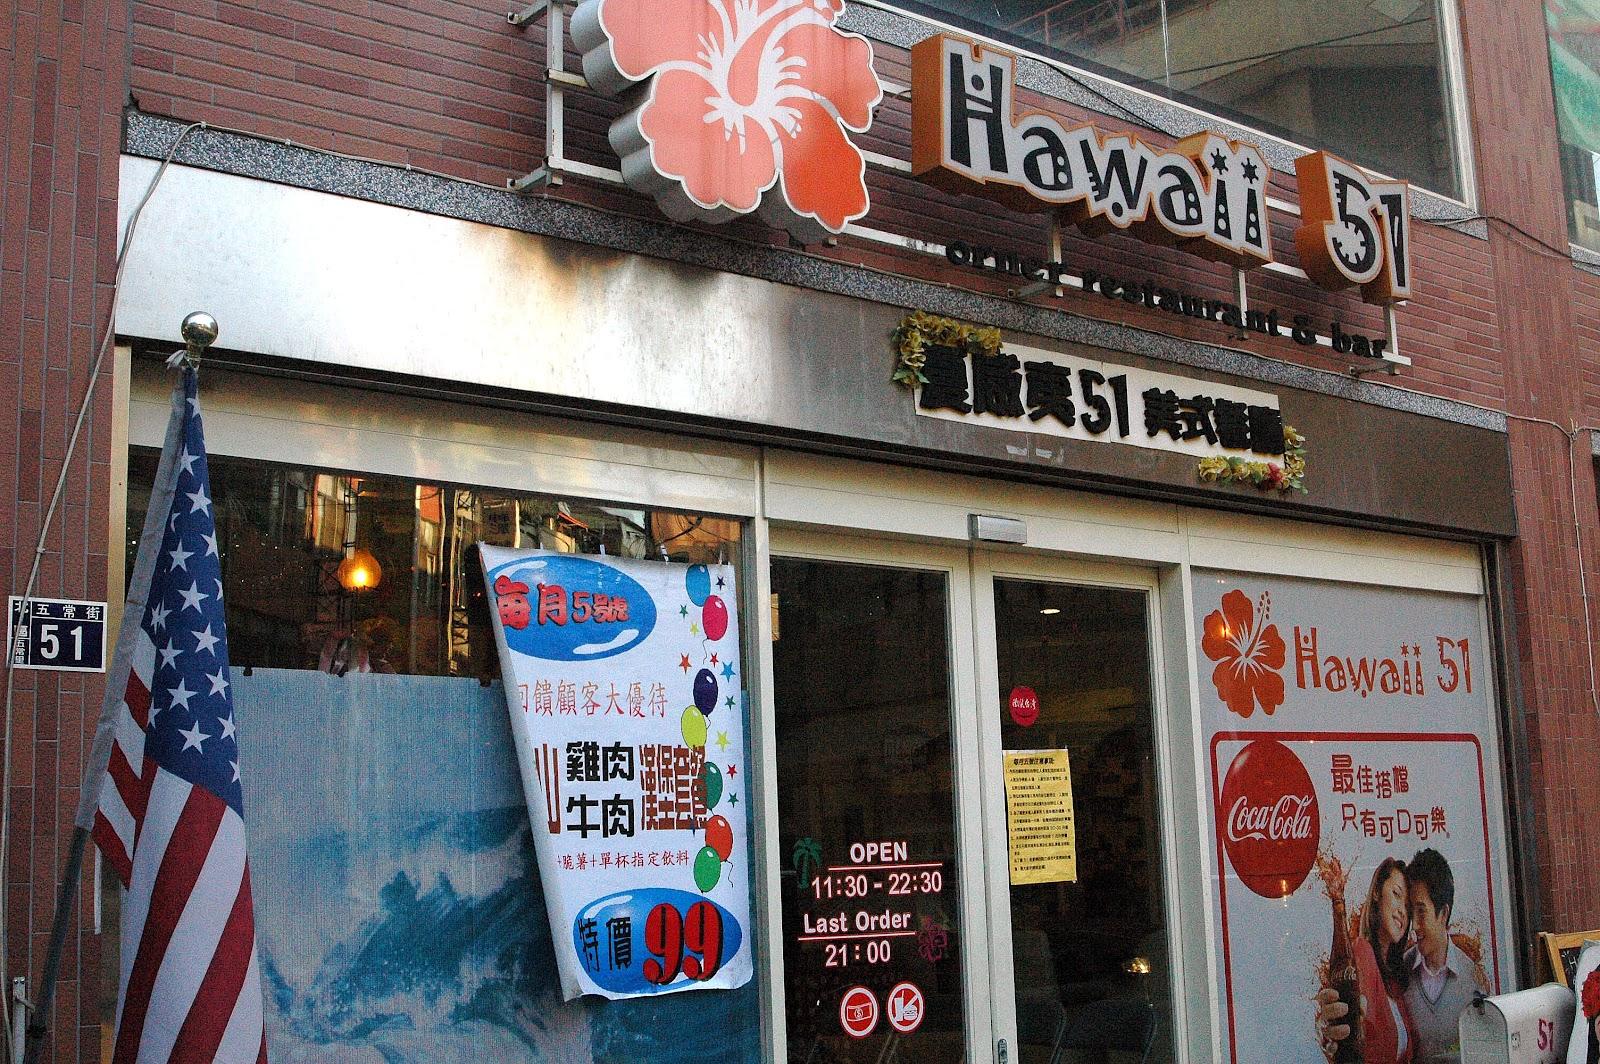 光光良部落格: (臺中) Hawaii 51--夏威夷51 美式漢堡